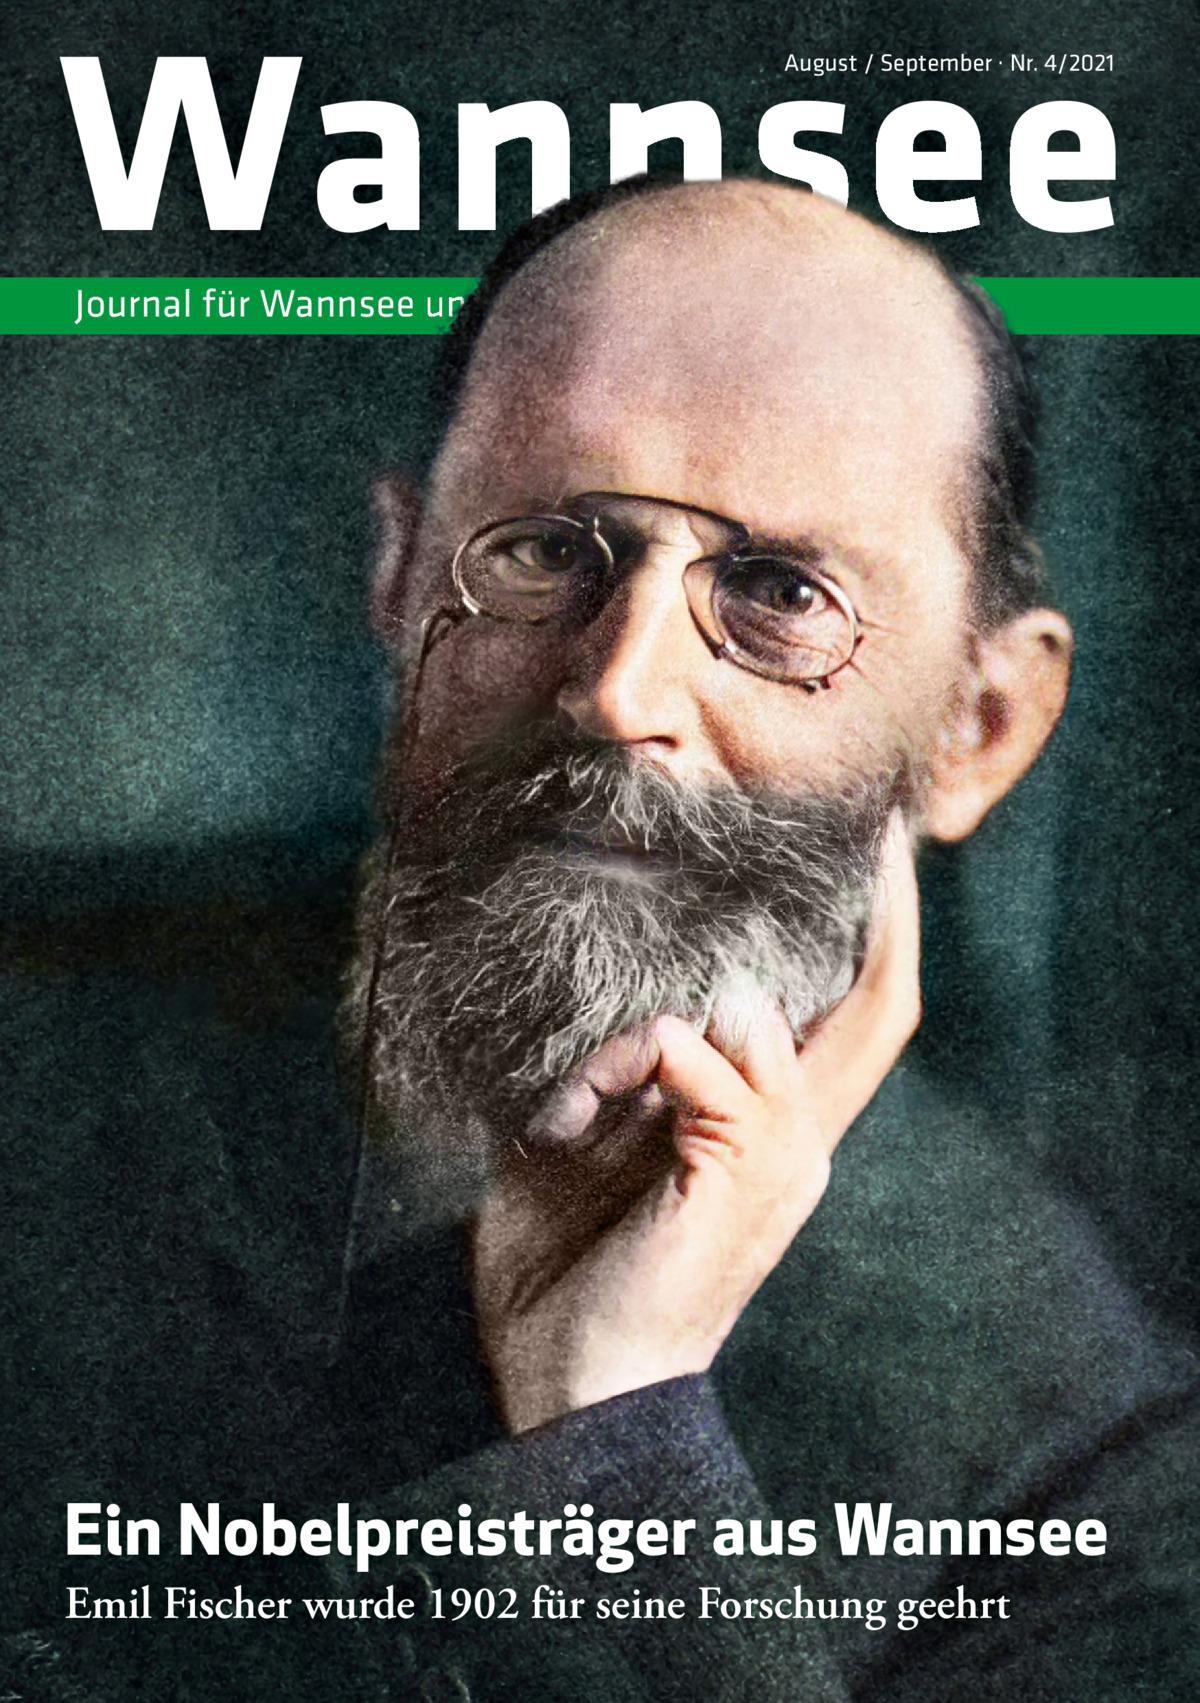 Wannsee August / September · Nr. 4/2021  Journal für Wannsee und Umgebung  Ein Nobelpreisträger aus Wannsee Emil Fischer wurde 1902 für seine Forschung geehrt